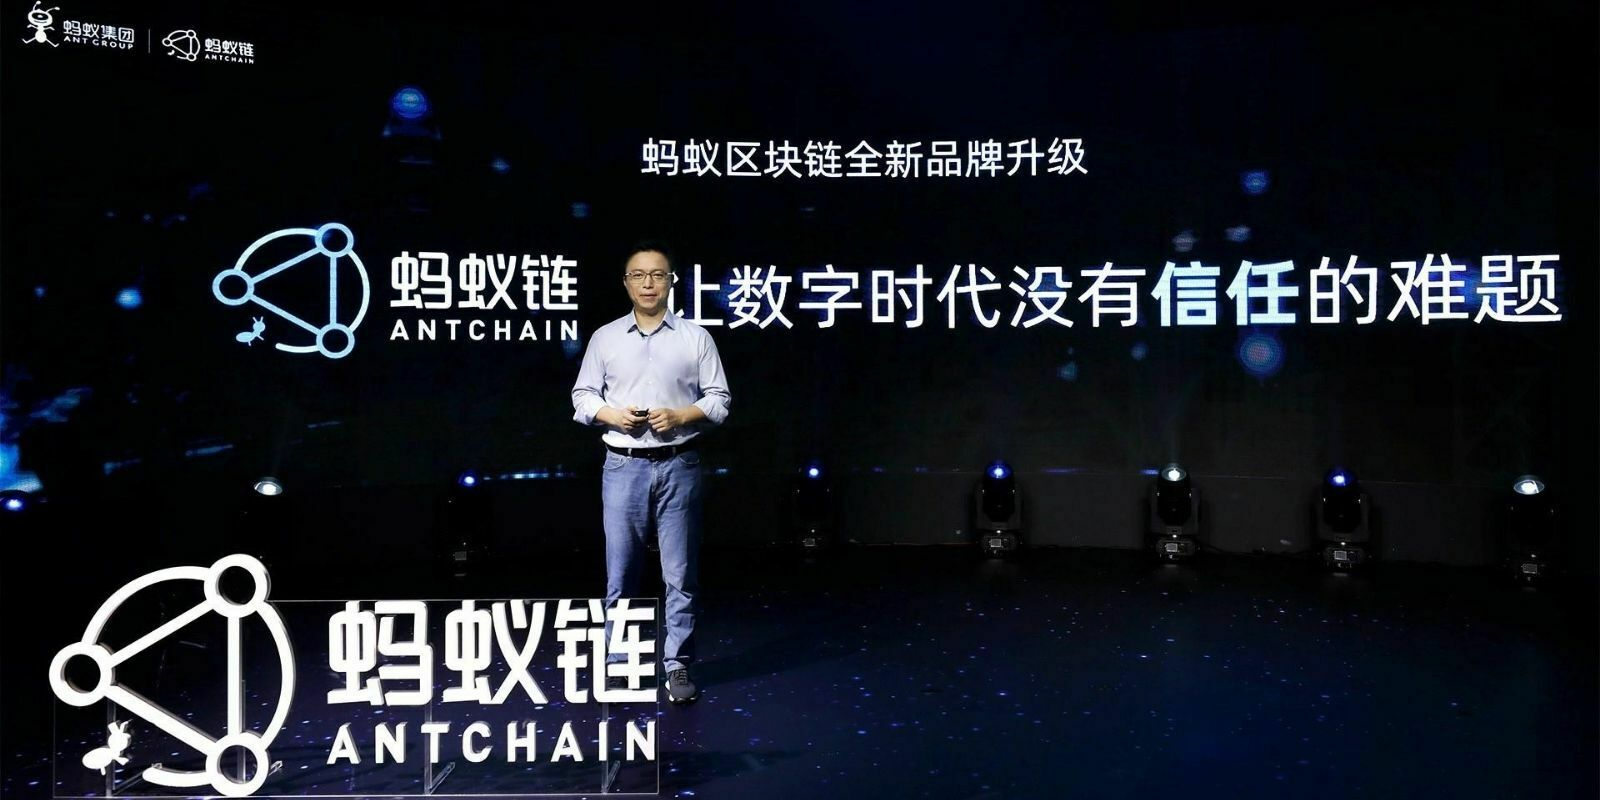 Une filiale du géant chinois Alibaba lance sa structure blockchain : AntChain